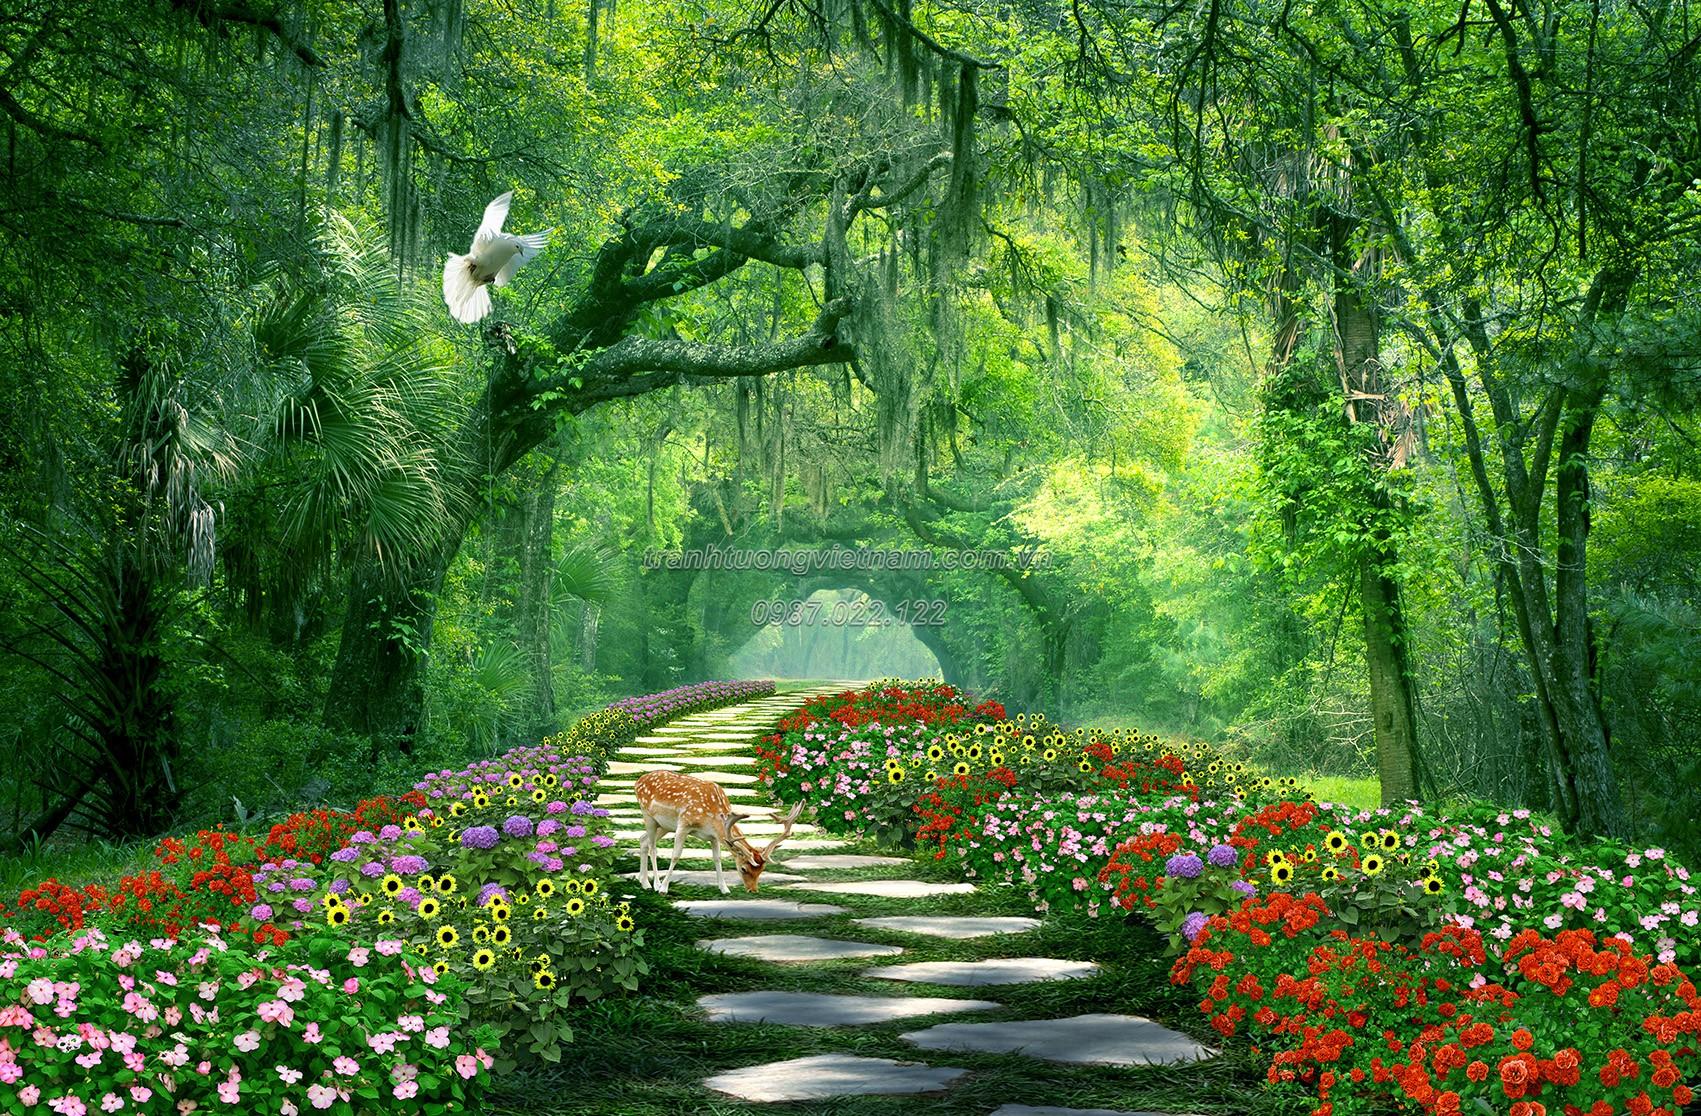 Cảnh đẹp thiên nhiên con đường lát đá đi vào rừng thẳm